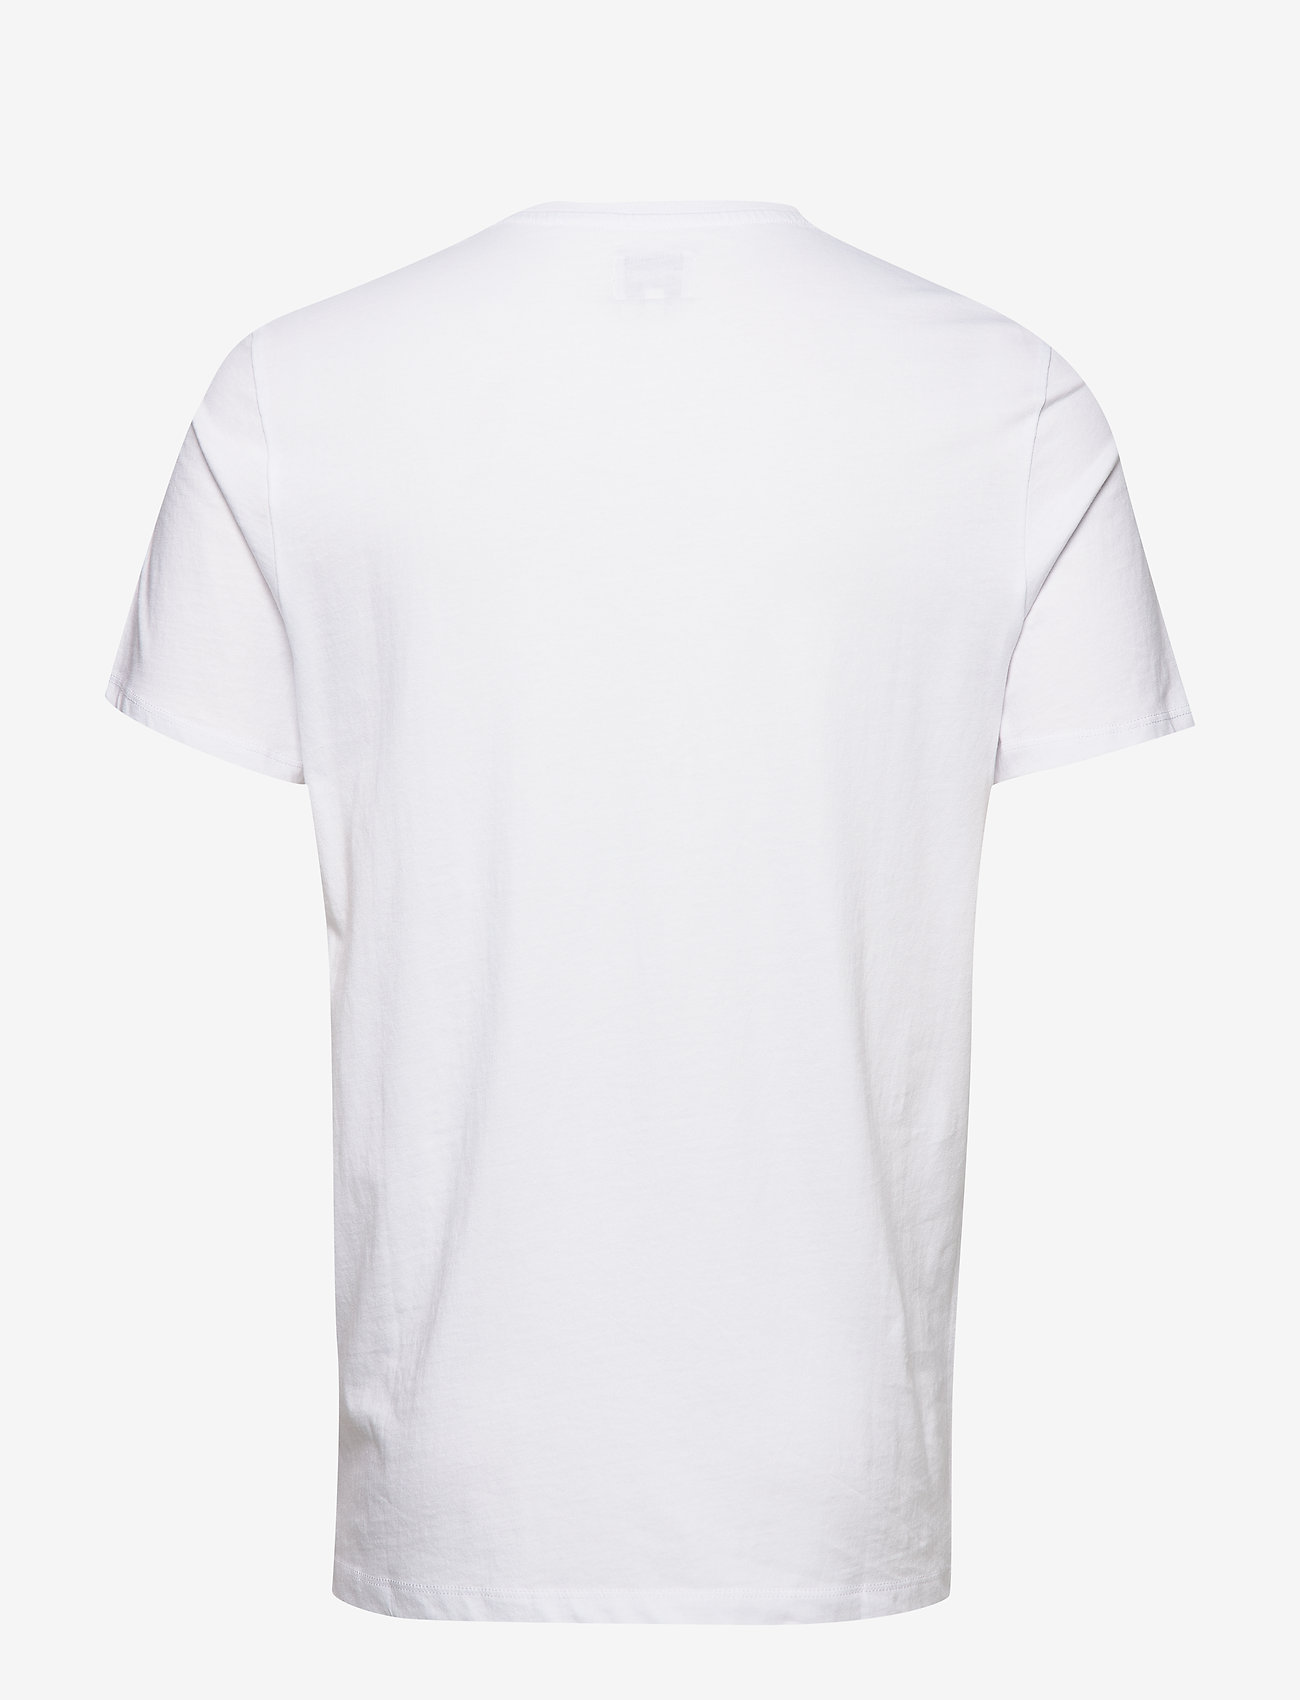 Wrangler SS LOGO TEE - T-skjorter WHITE - Menn Klær